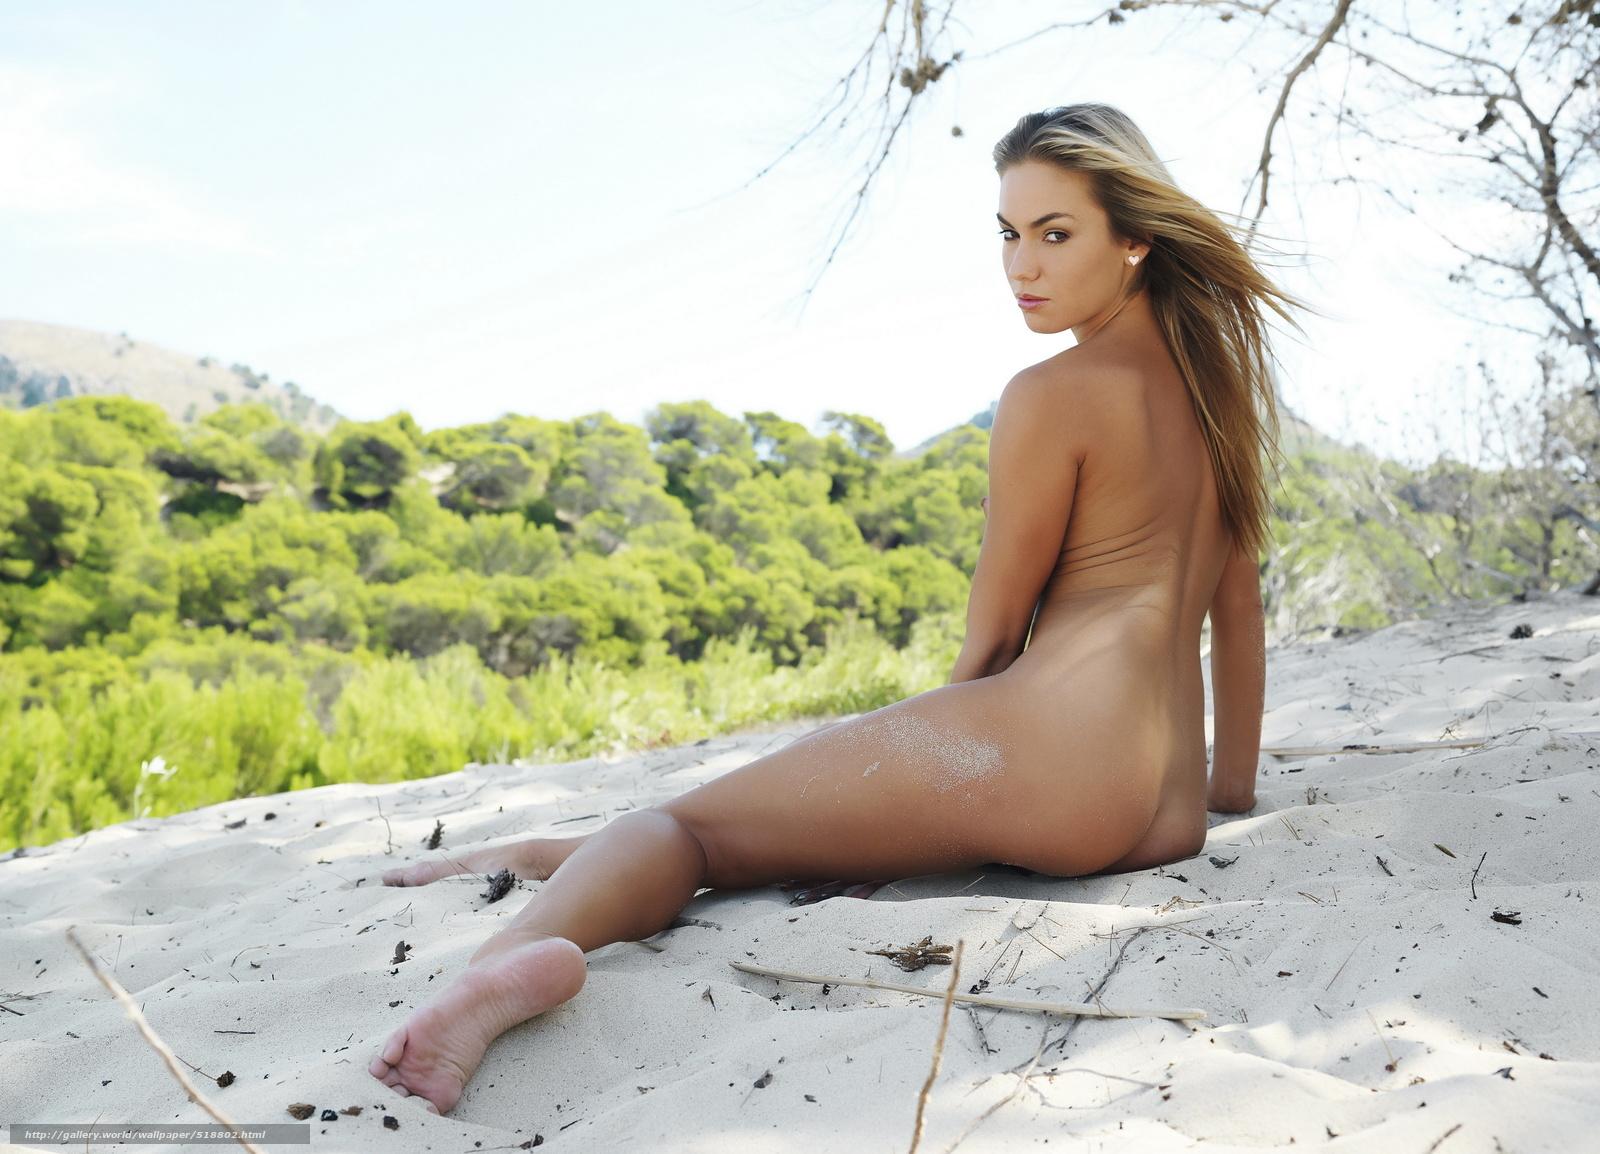 Фото красивых голых девушек длинные ноги 12 фотография